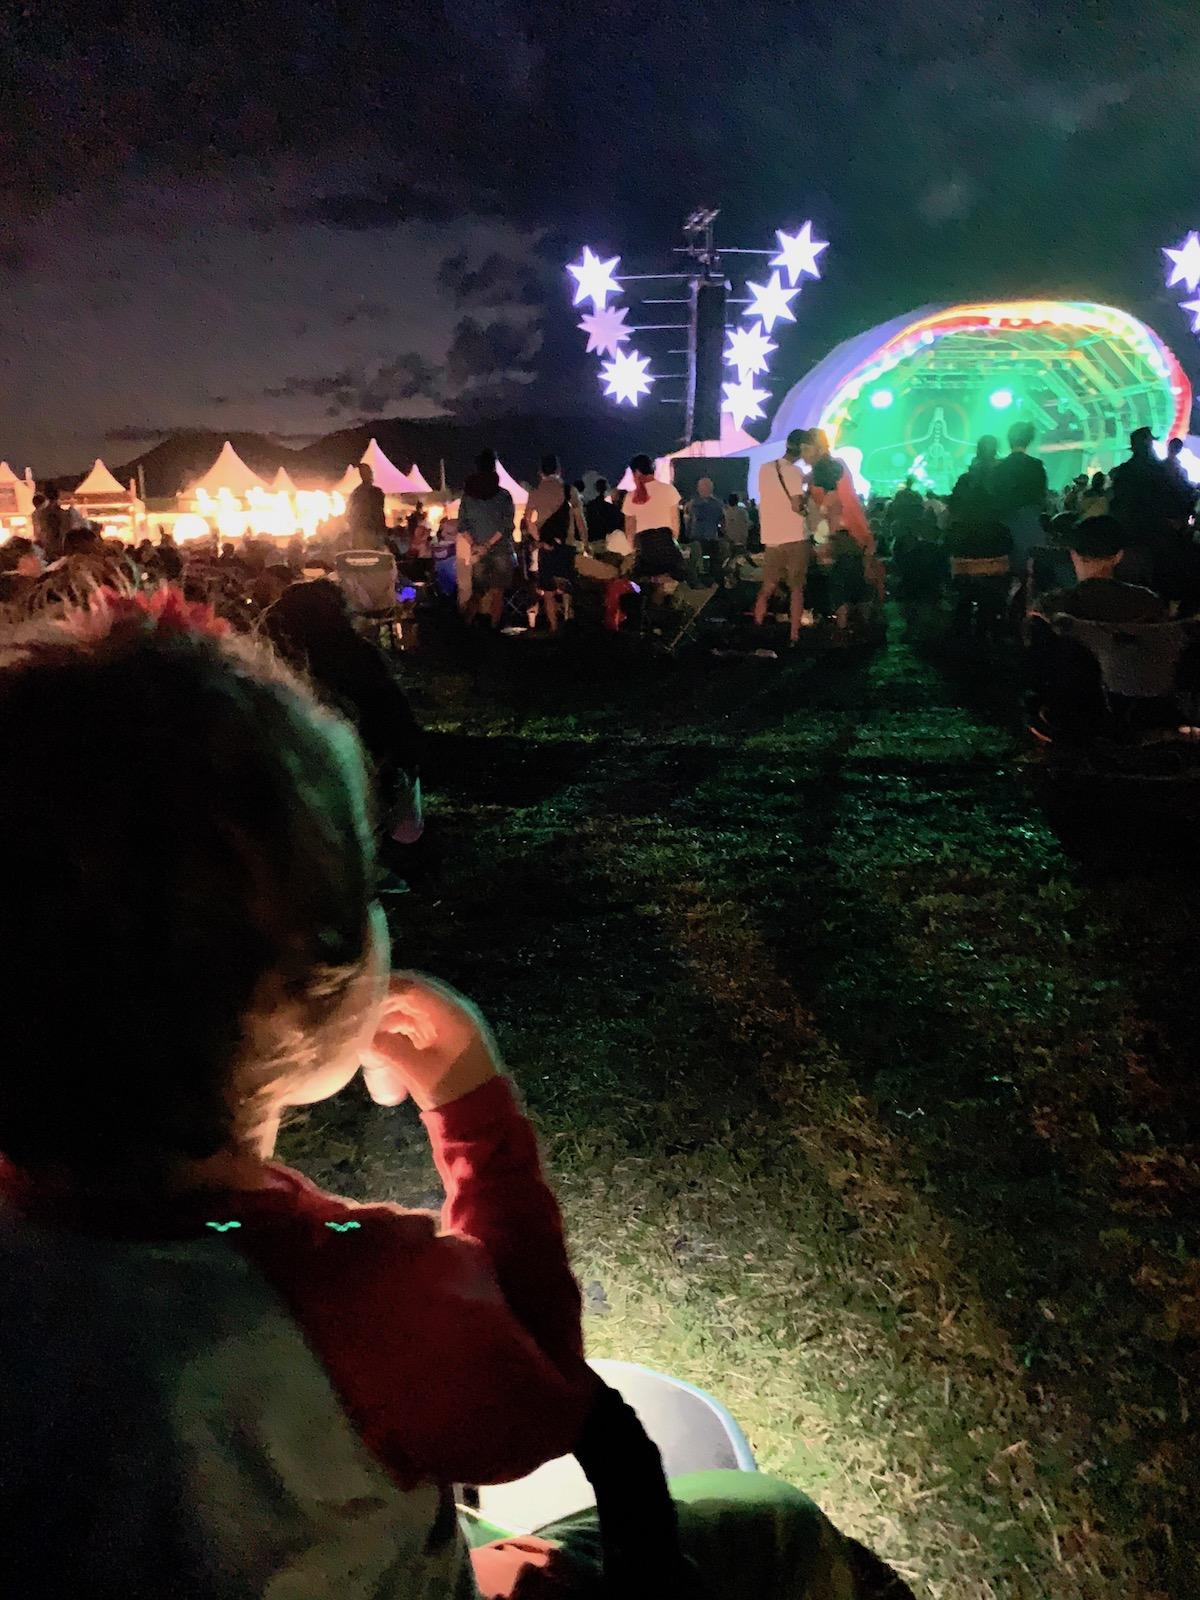 87 【こどもフジロック】朝霧Jam'18子連れフェス体験記〜3歳児とのキャンプ・イン・フェスの過ごし方〜